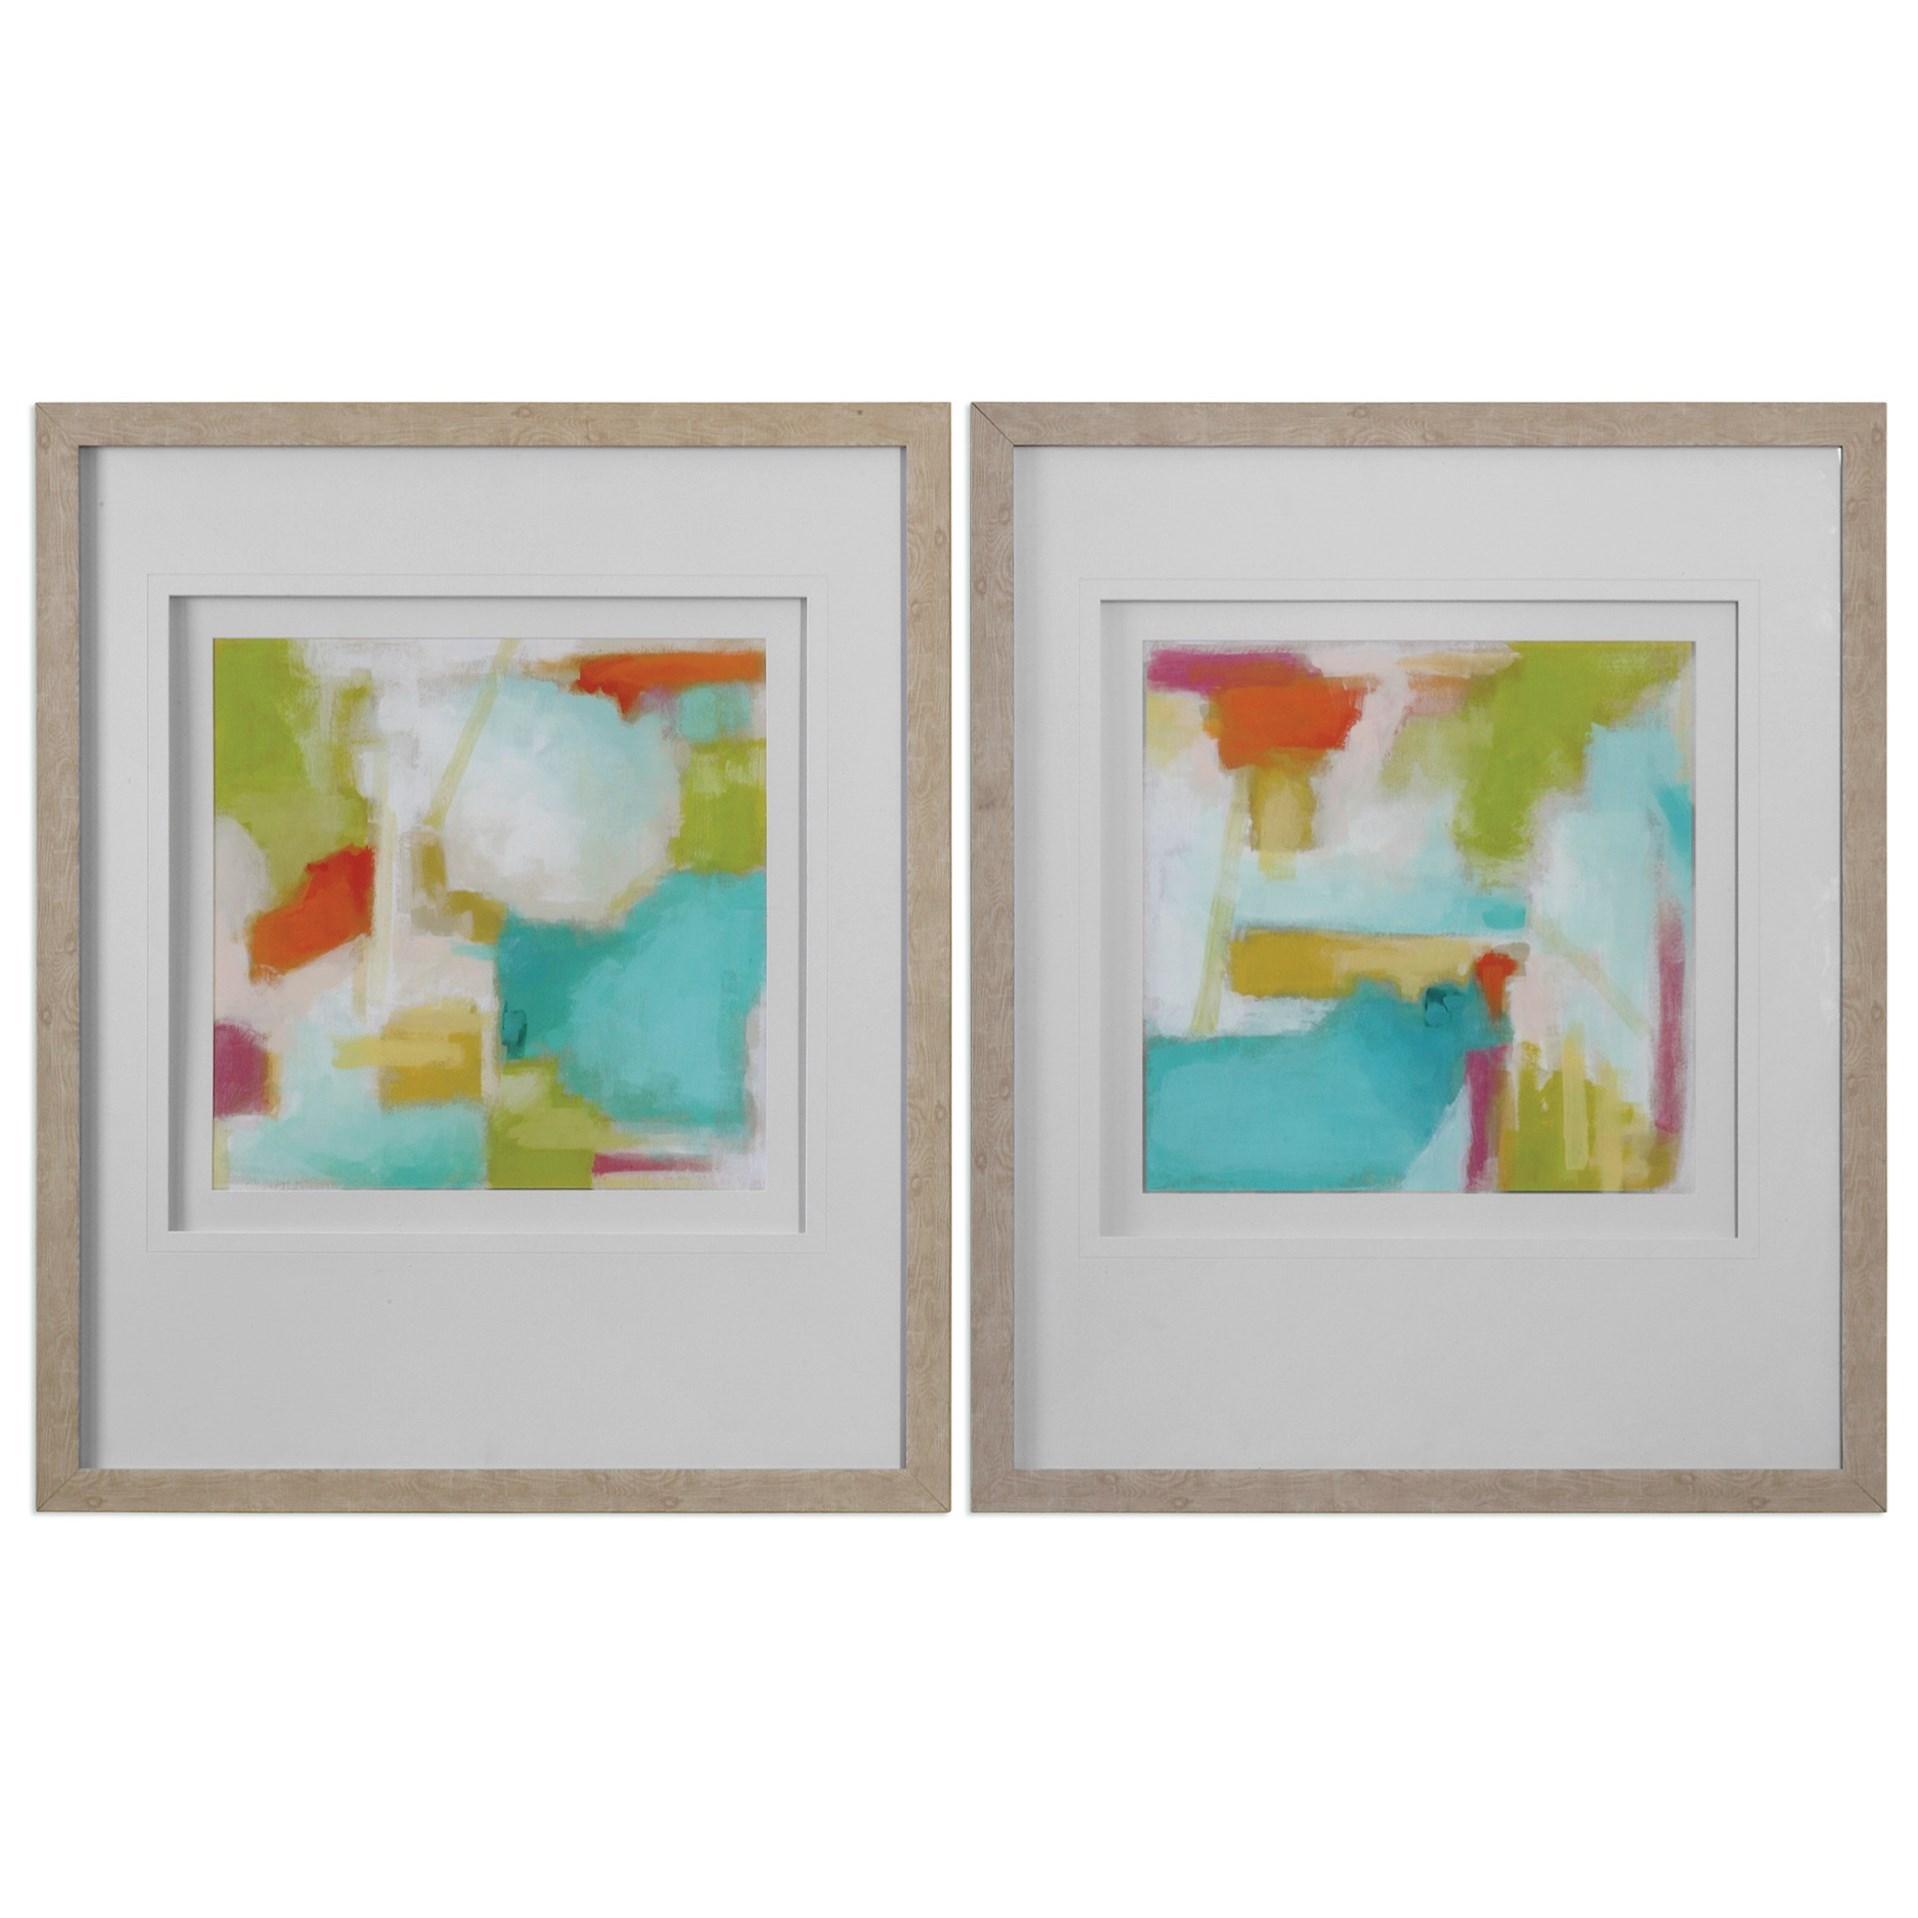 Uttermost Art Color Space (Set of 2) - Item Number: 33647